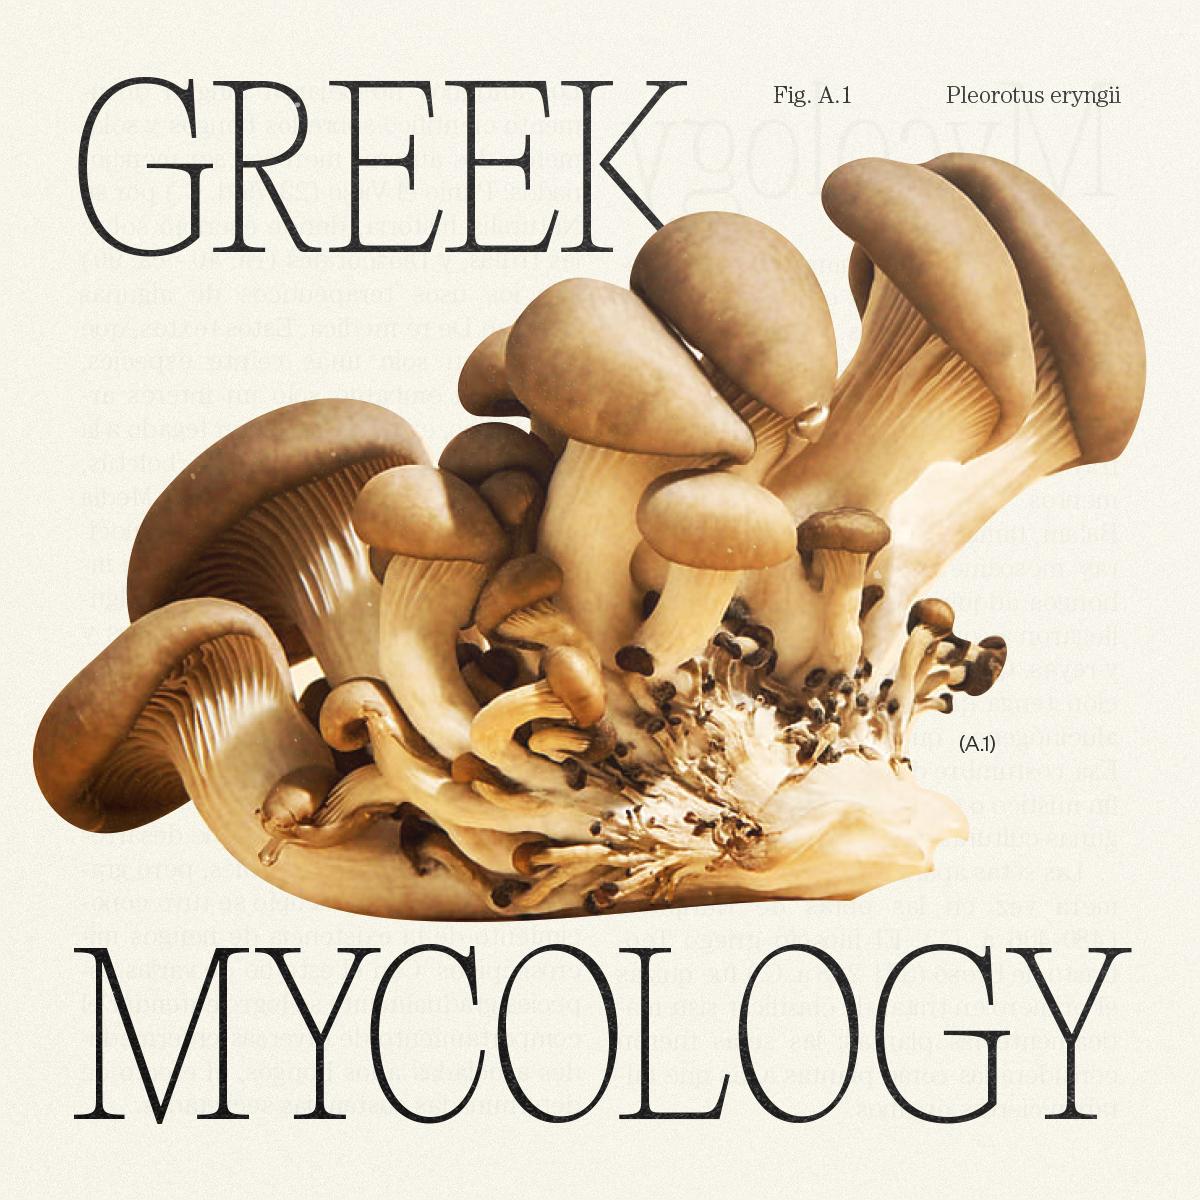 GreekMycology_Idea_MateoBuitrago-01